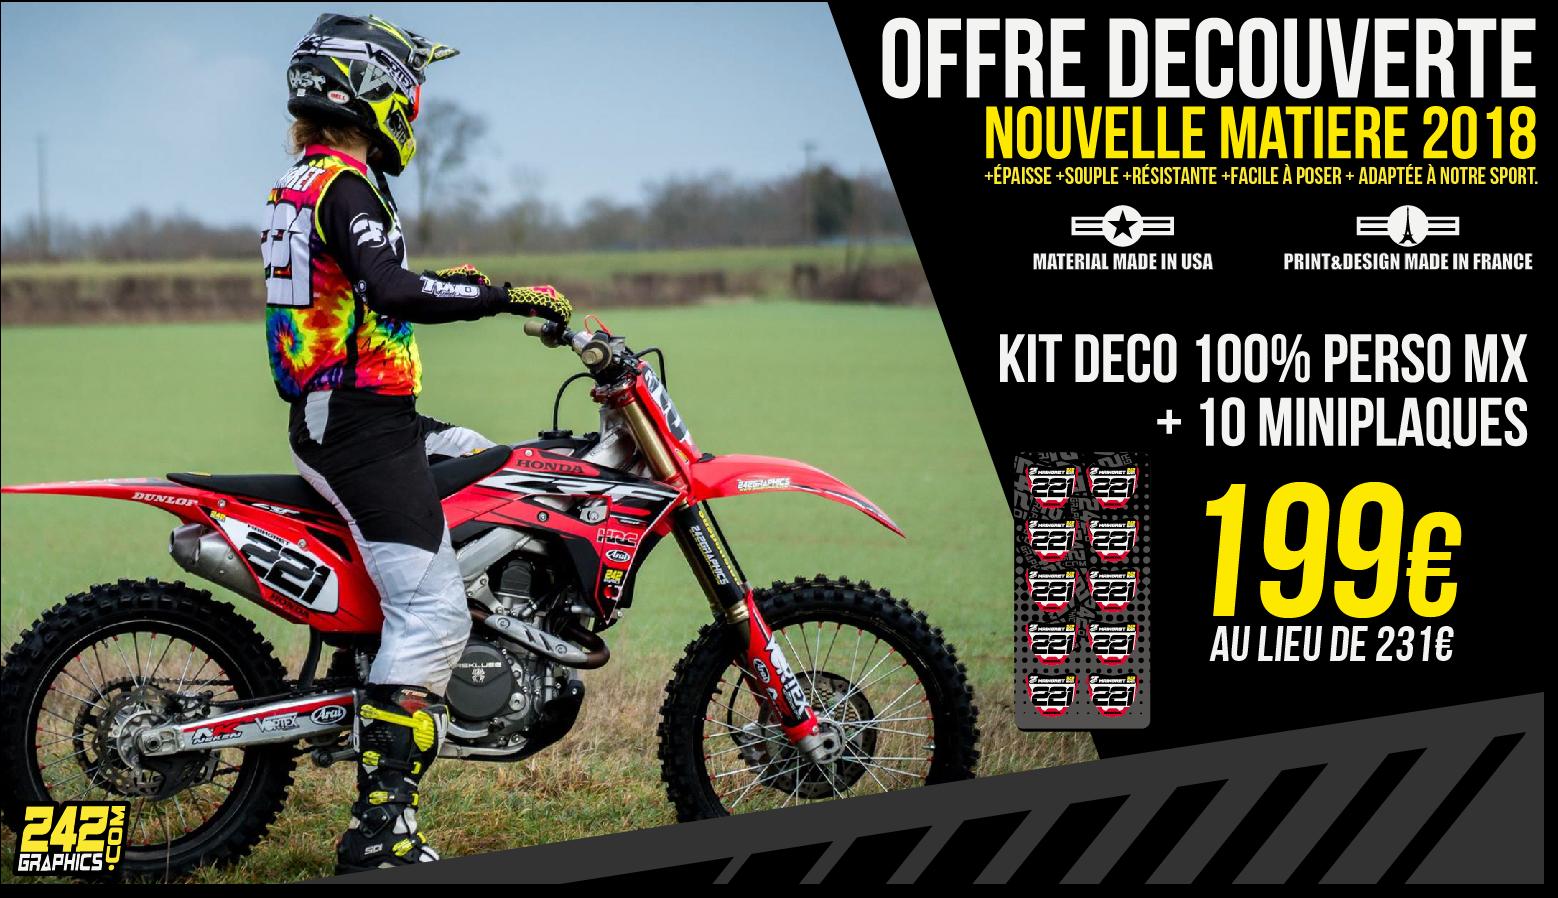 Offre découverte: Kit déco motocross perso + 10 miniplaques